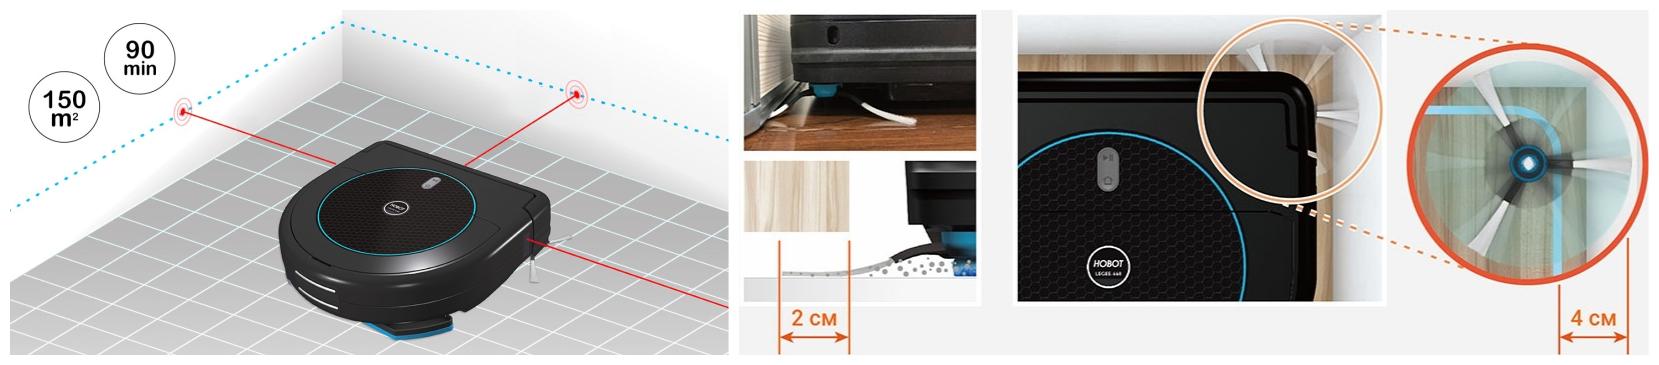 Laser + nettoyage avec brosse latérale LEGEE 669 robot laveur et aspirateur HOBOT